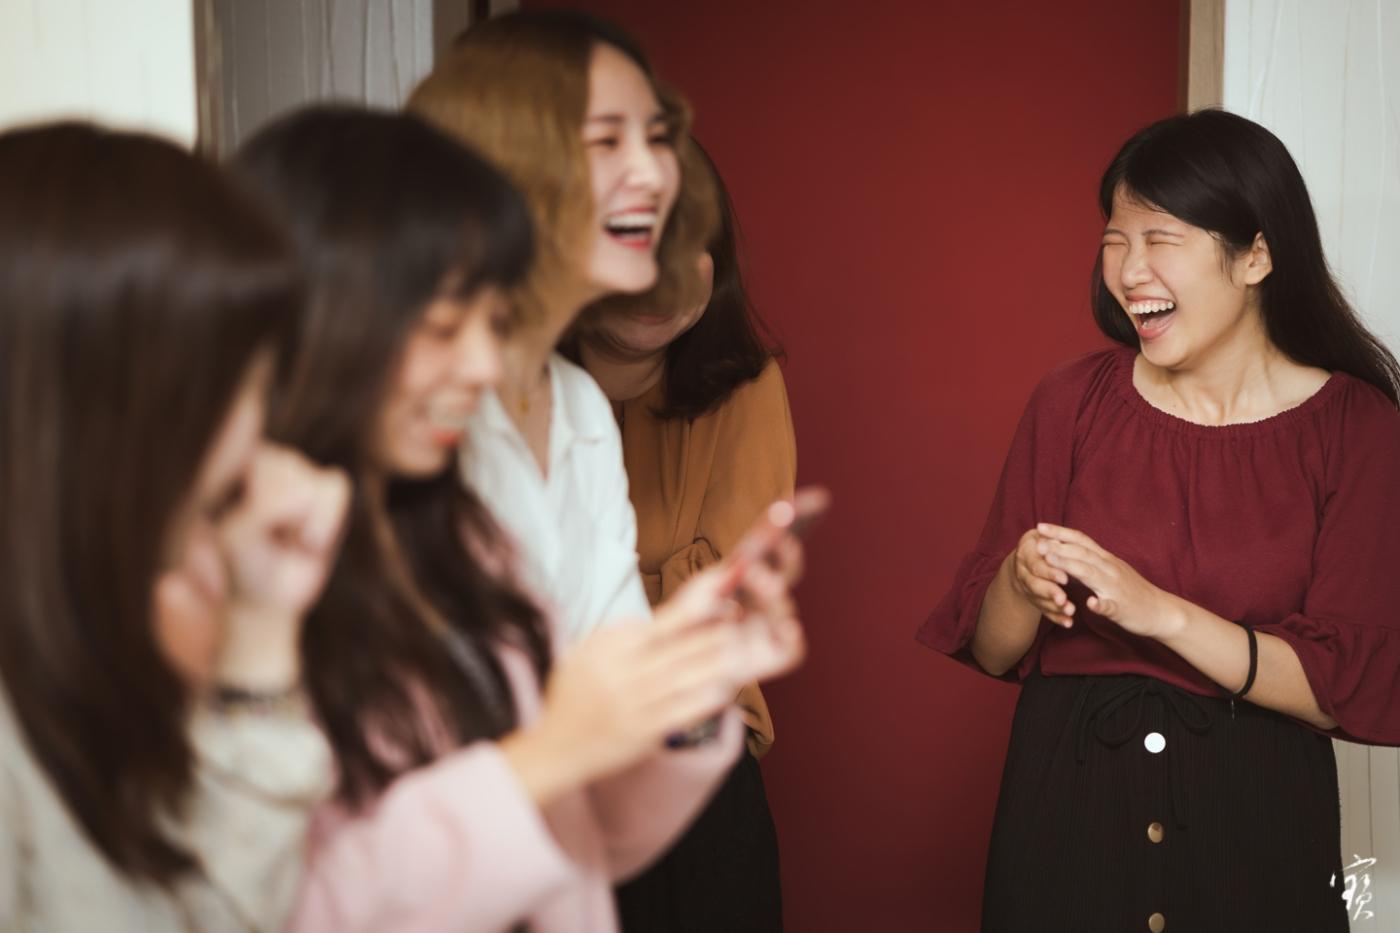 婚禮攝影 新竹彭園 冬伴影像 攝影師大寶 婚紗攝影 新娘新郎 早儀午宴20181125-304